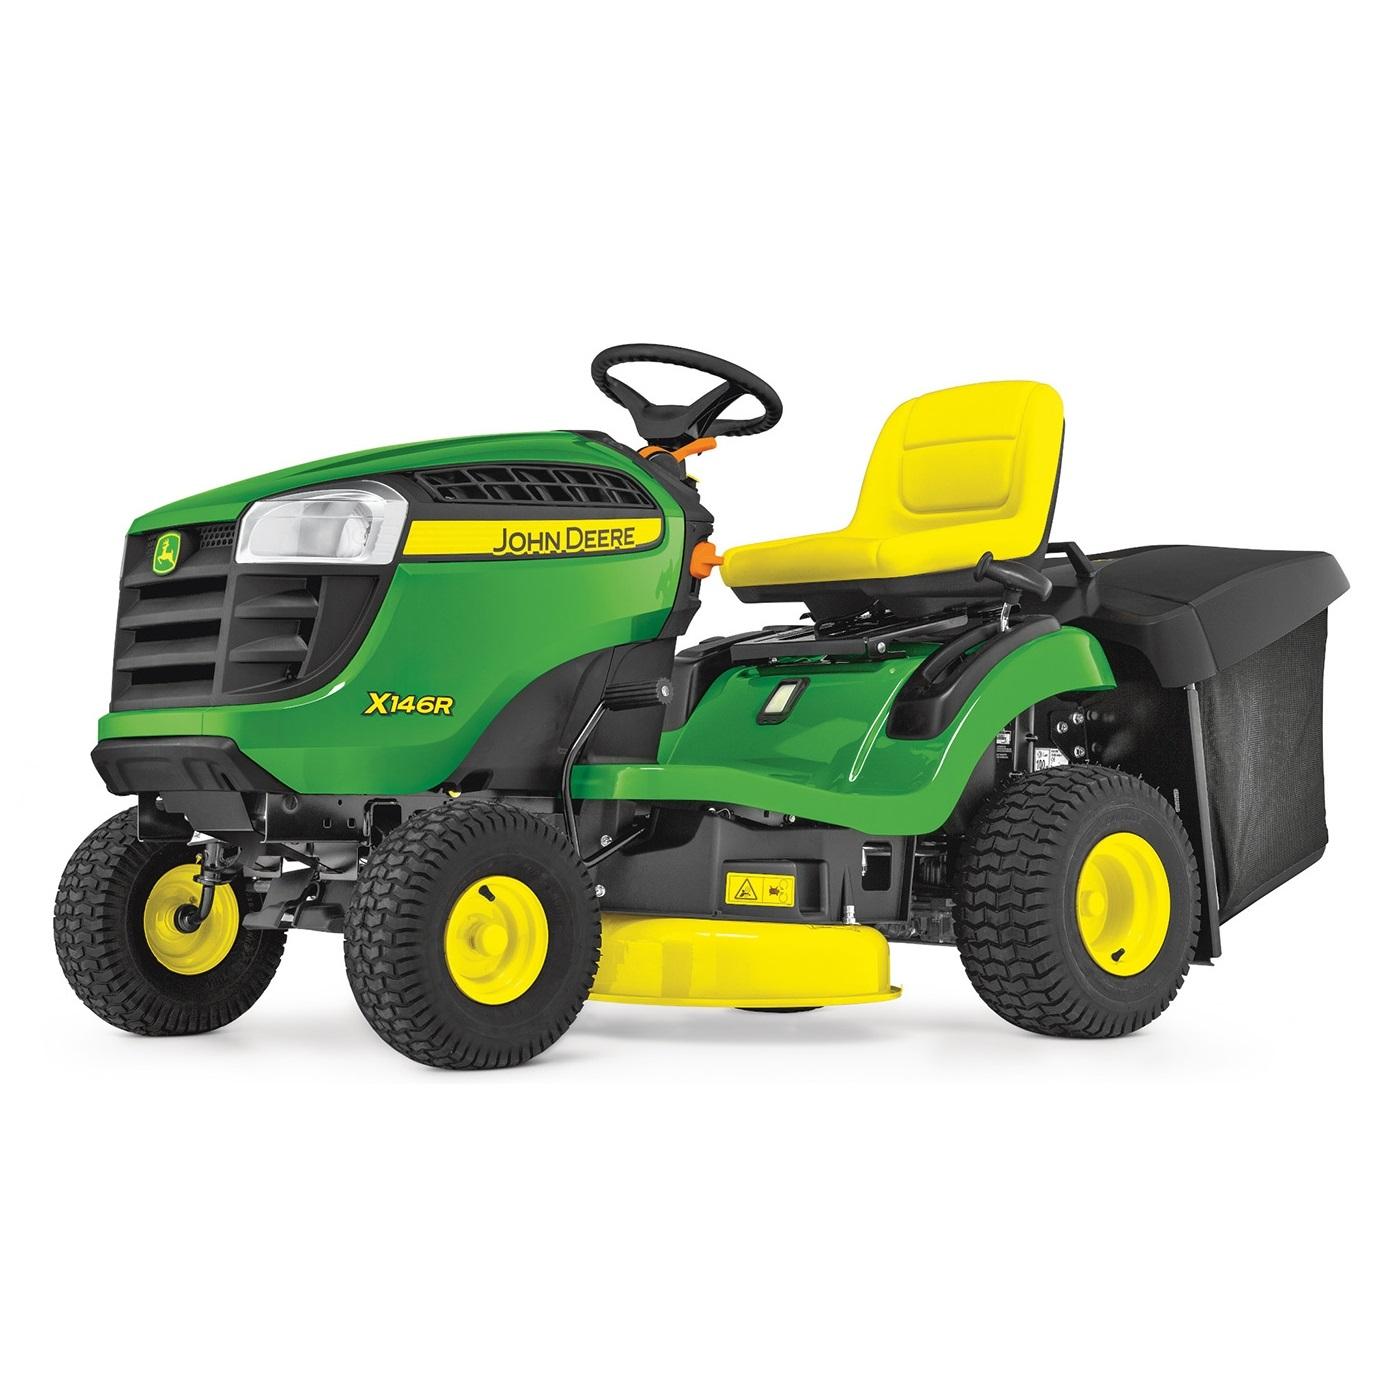 John Deere X146R - 92cm - 300l - traktor zahradní - N/A JOHN DEERE® BG21165 L-11